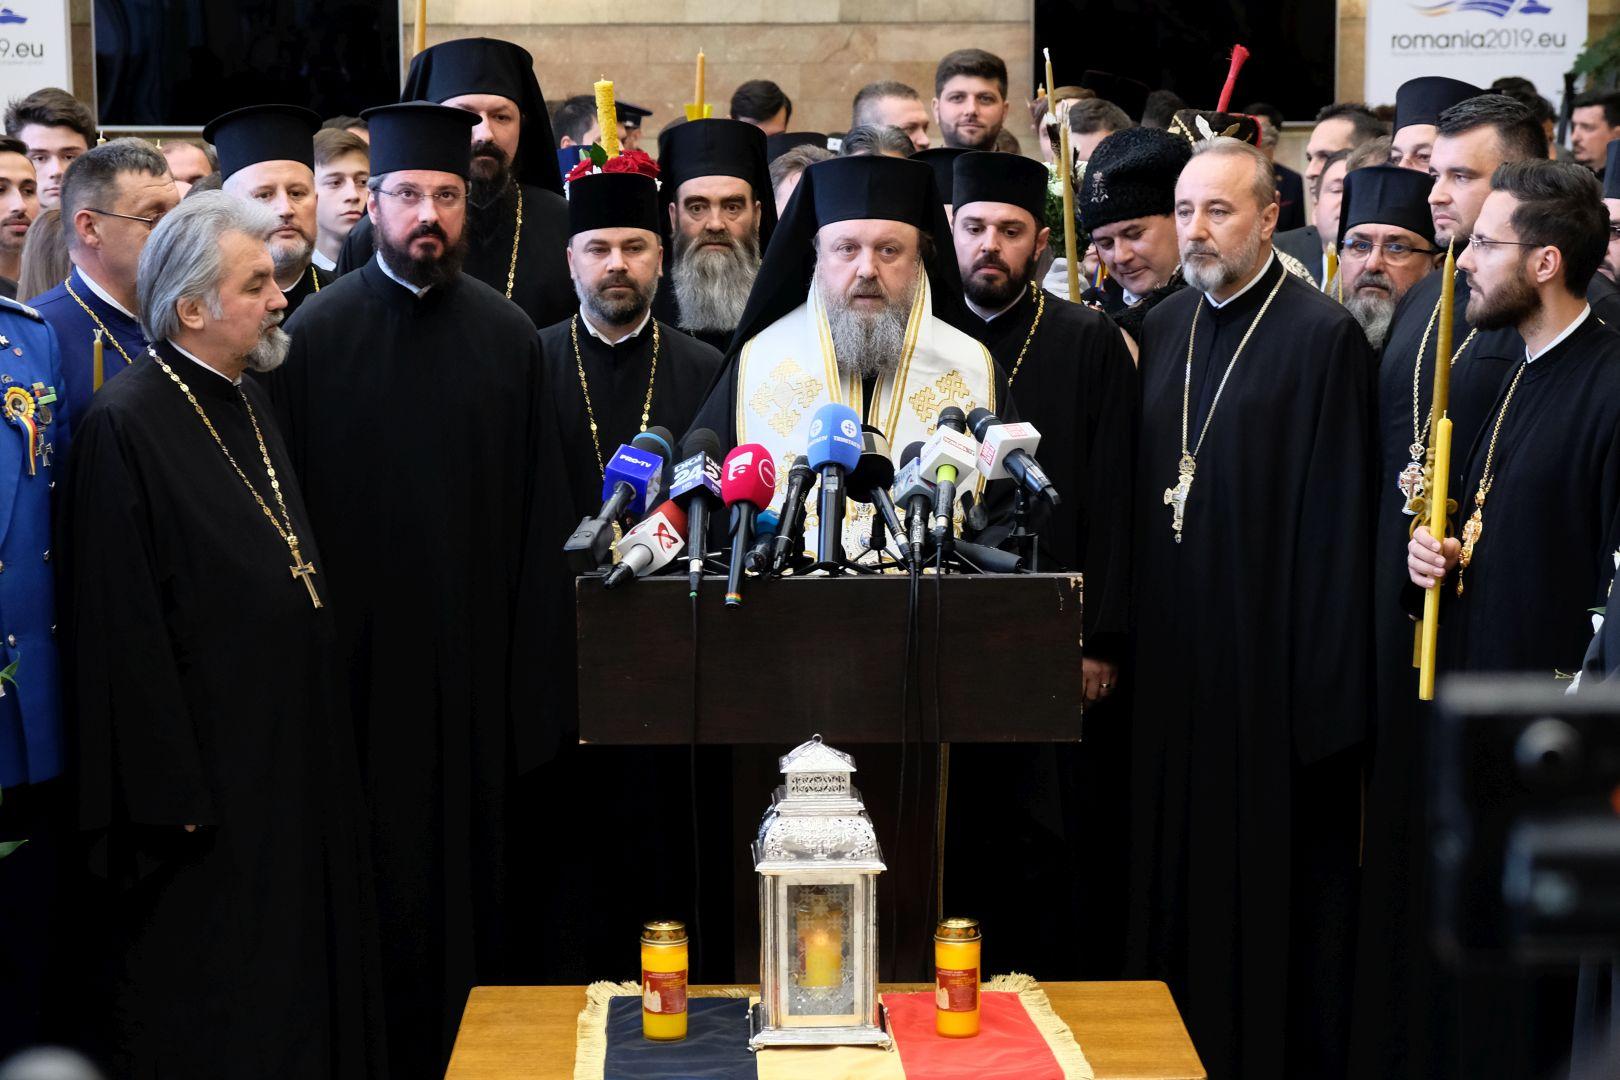 Rumunija: MUP i Pravoslavna crkva se dogovorili o proslavi Vaskrsa